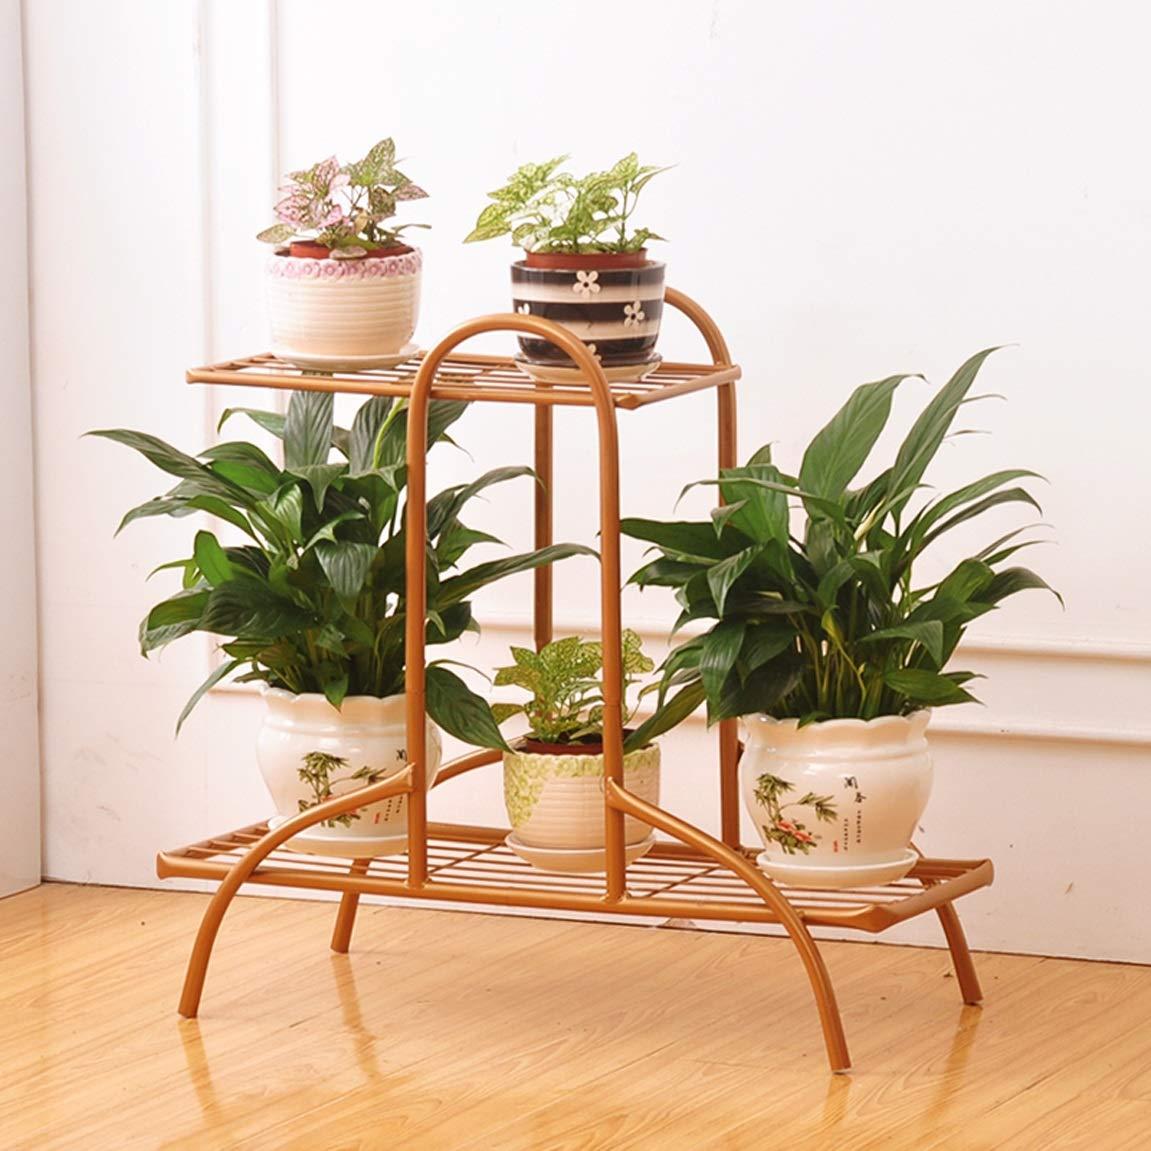 HZB Iron Flower Rack,Golden Living Room Balcony Floor Flower Pot Rack, Room Inside and Outside Green Lace Flower Shelf.